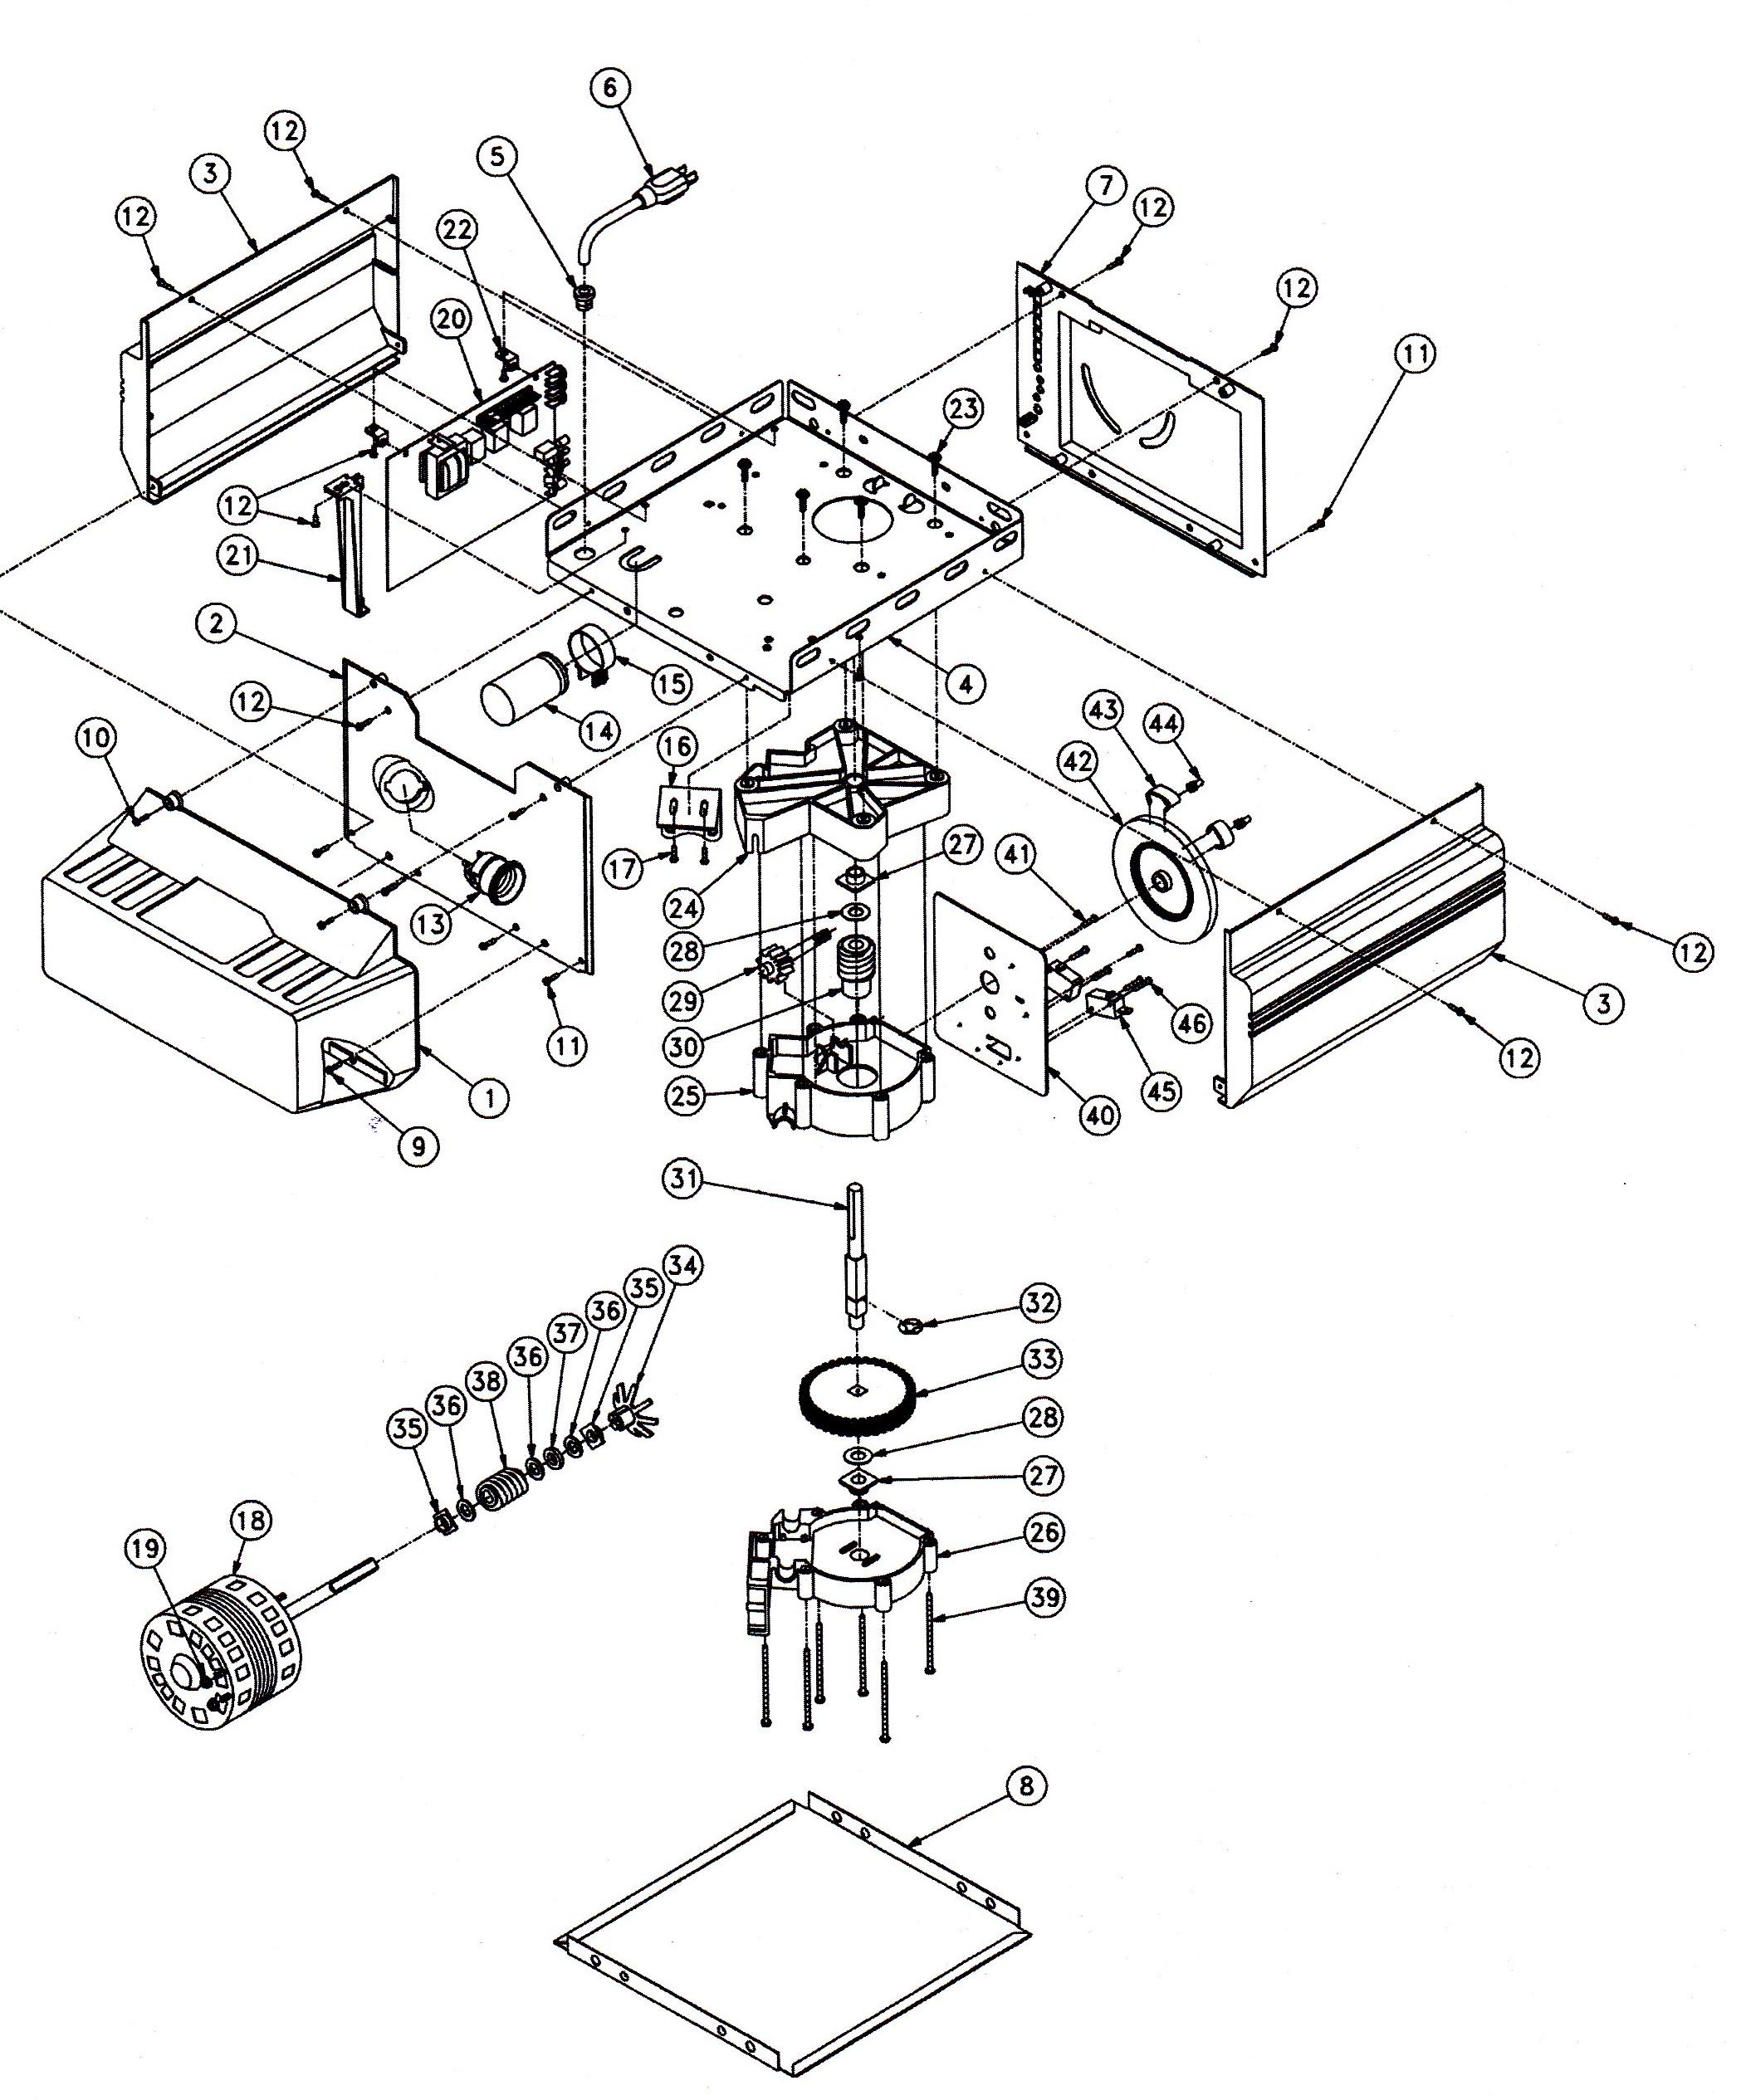 overhead door wiring diagram   28 wiring diagram images